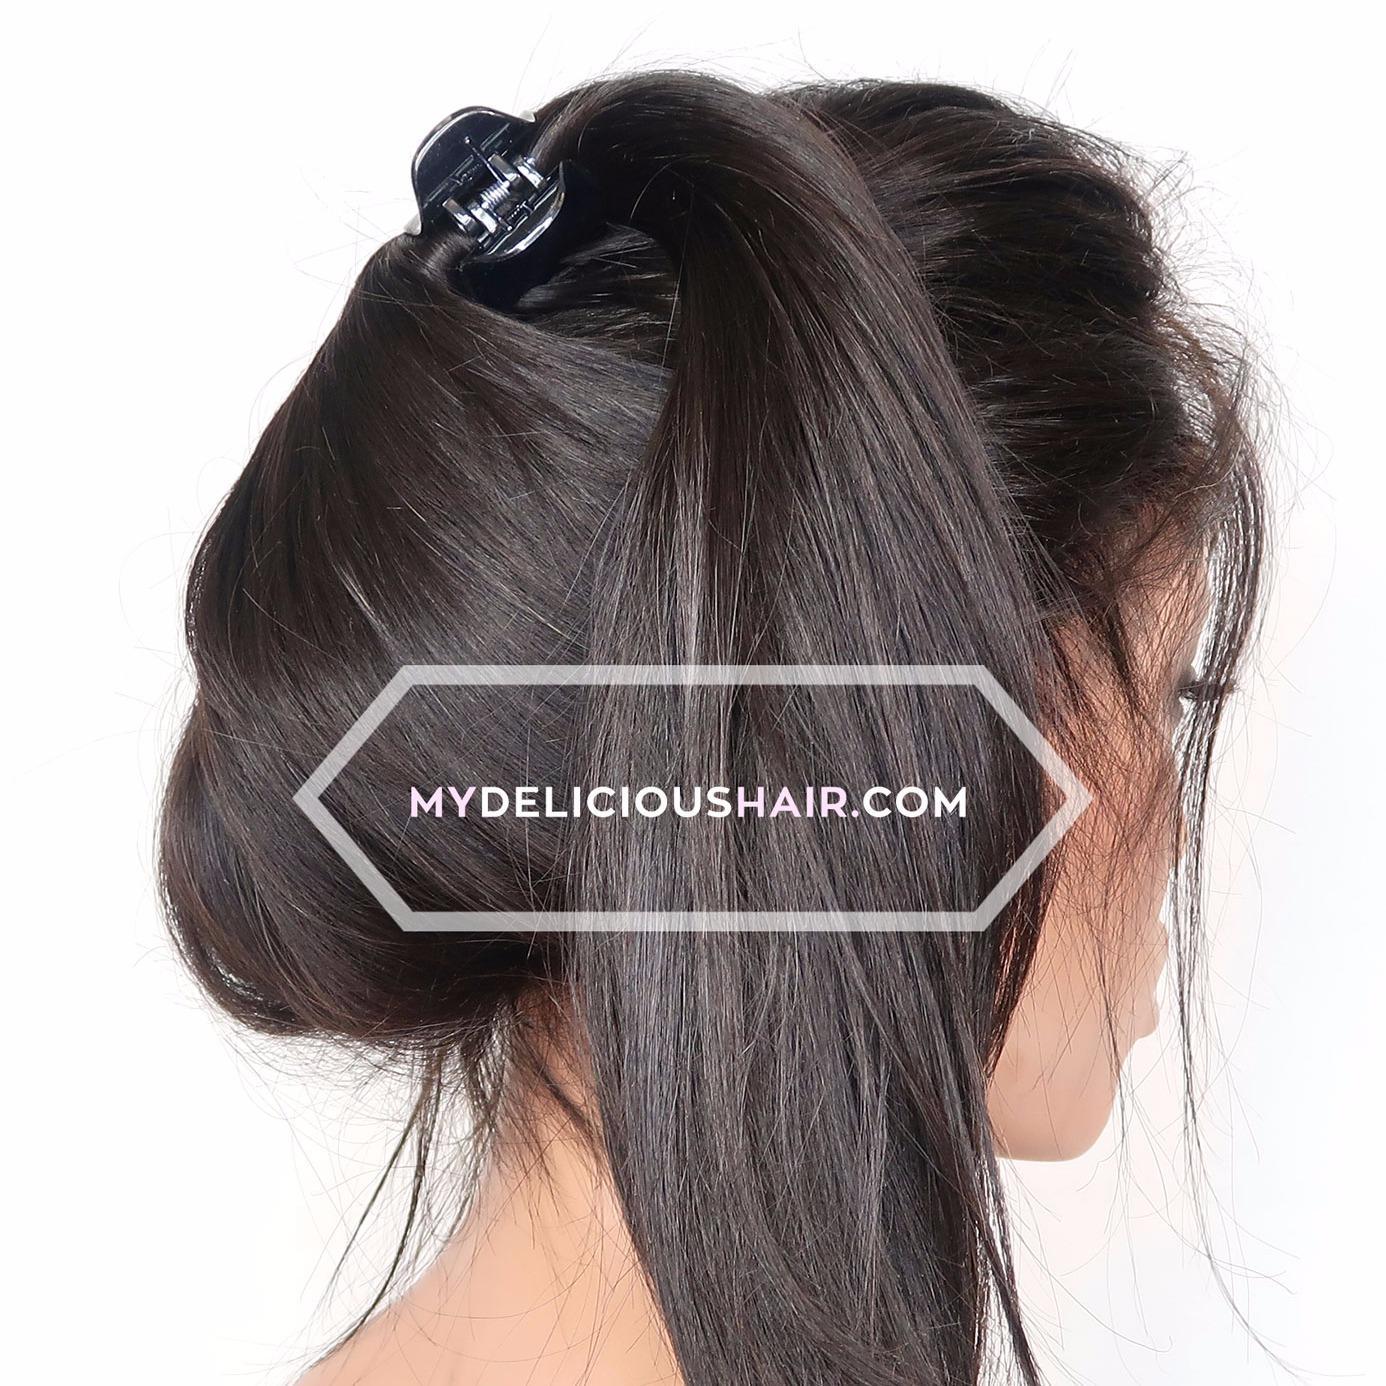 Shop Lace Wigs image 6